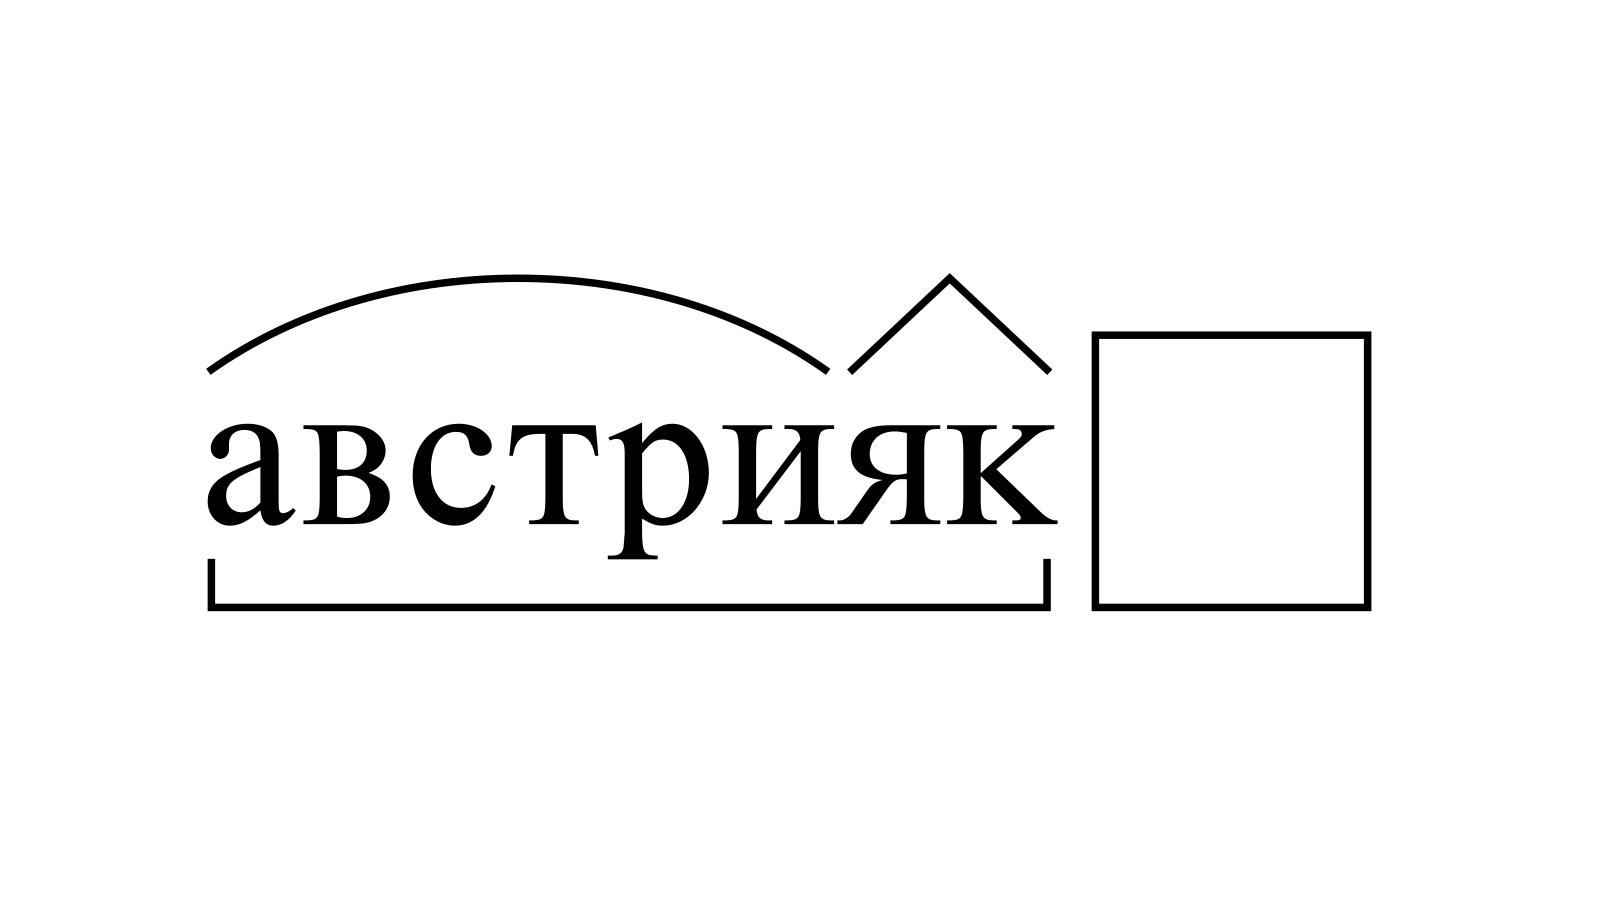 Разбор слова «австрияк» по составу